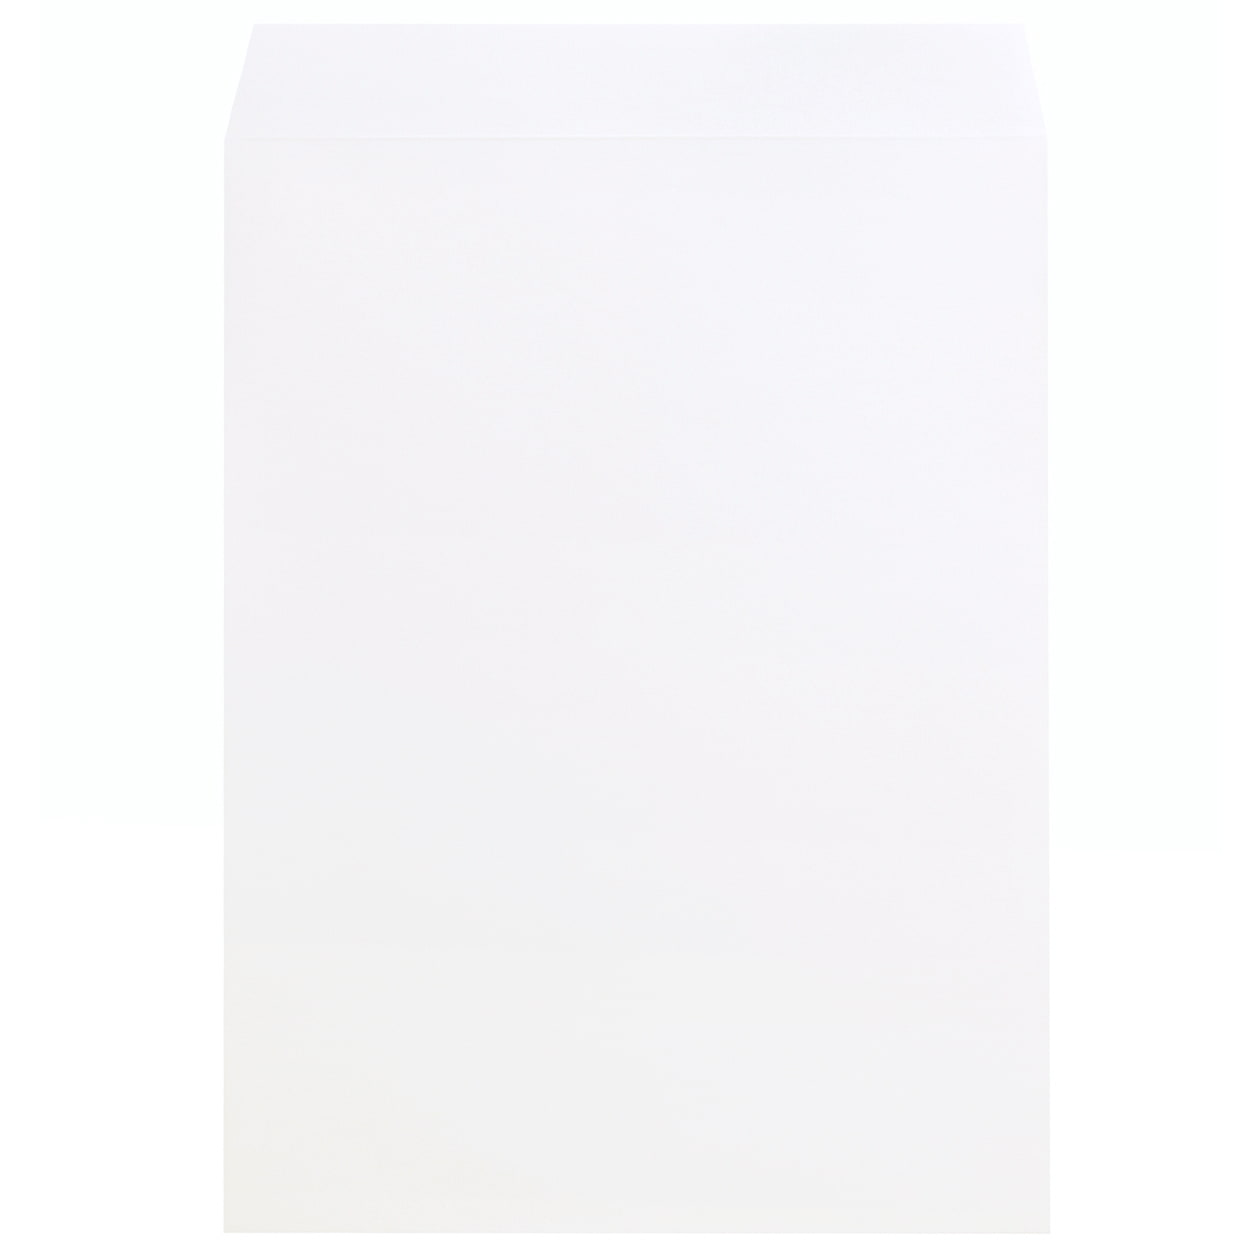 角0封筒 コットン スノーホワイト 116.3g センター貼